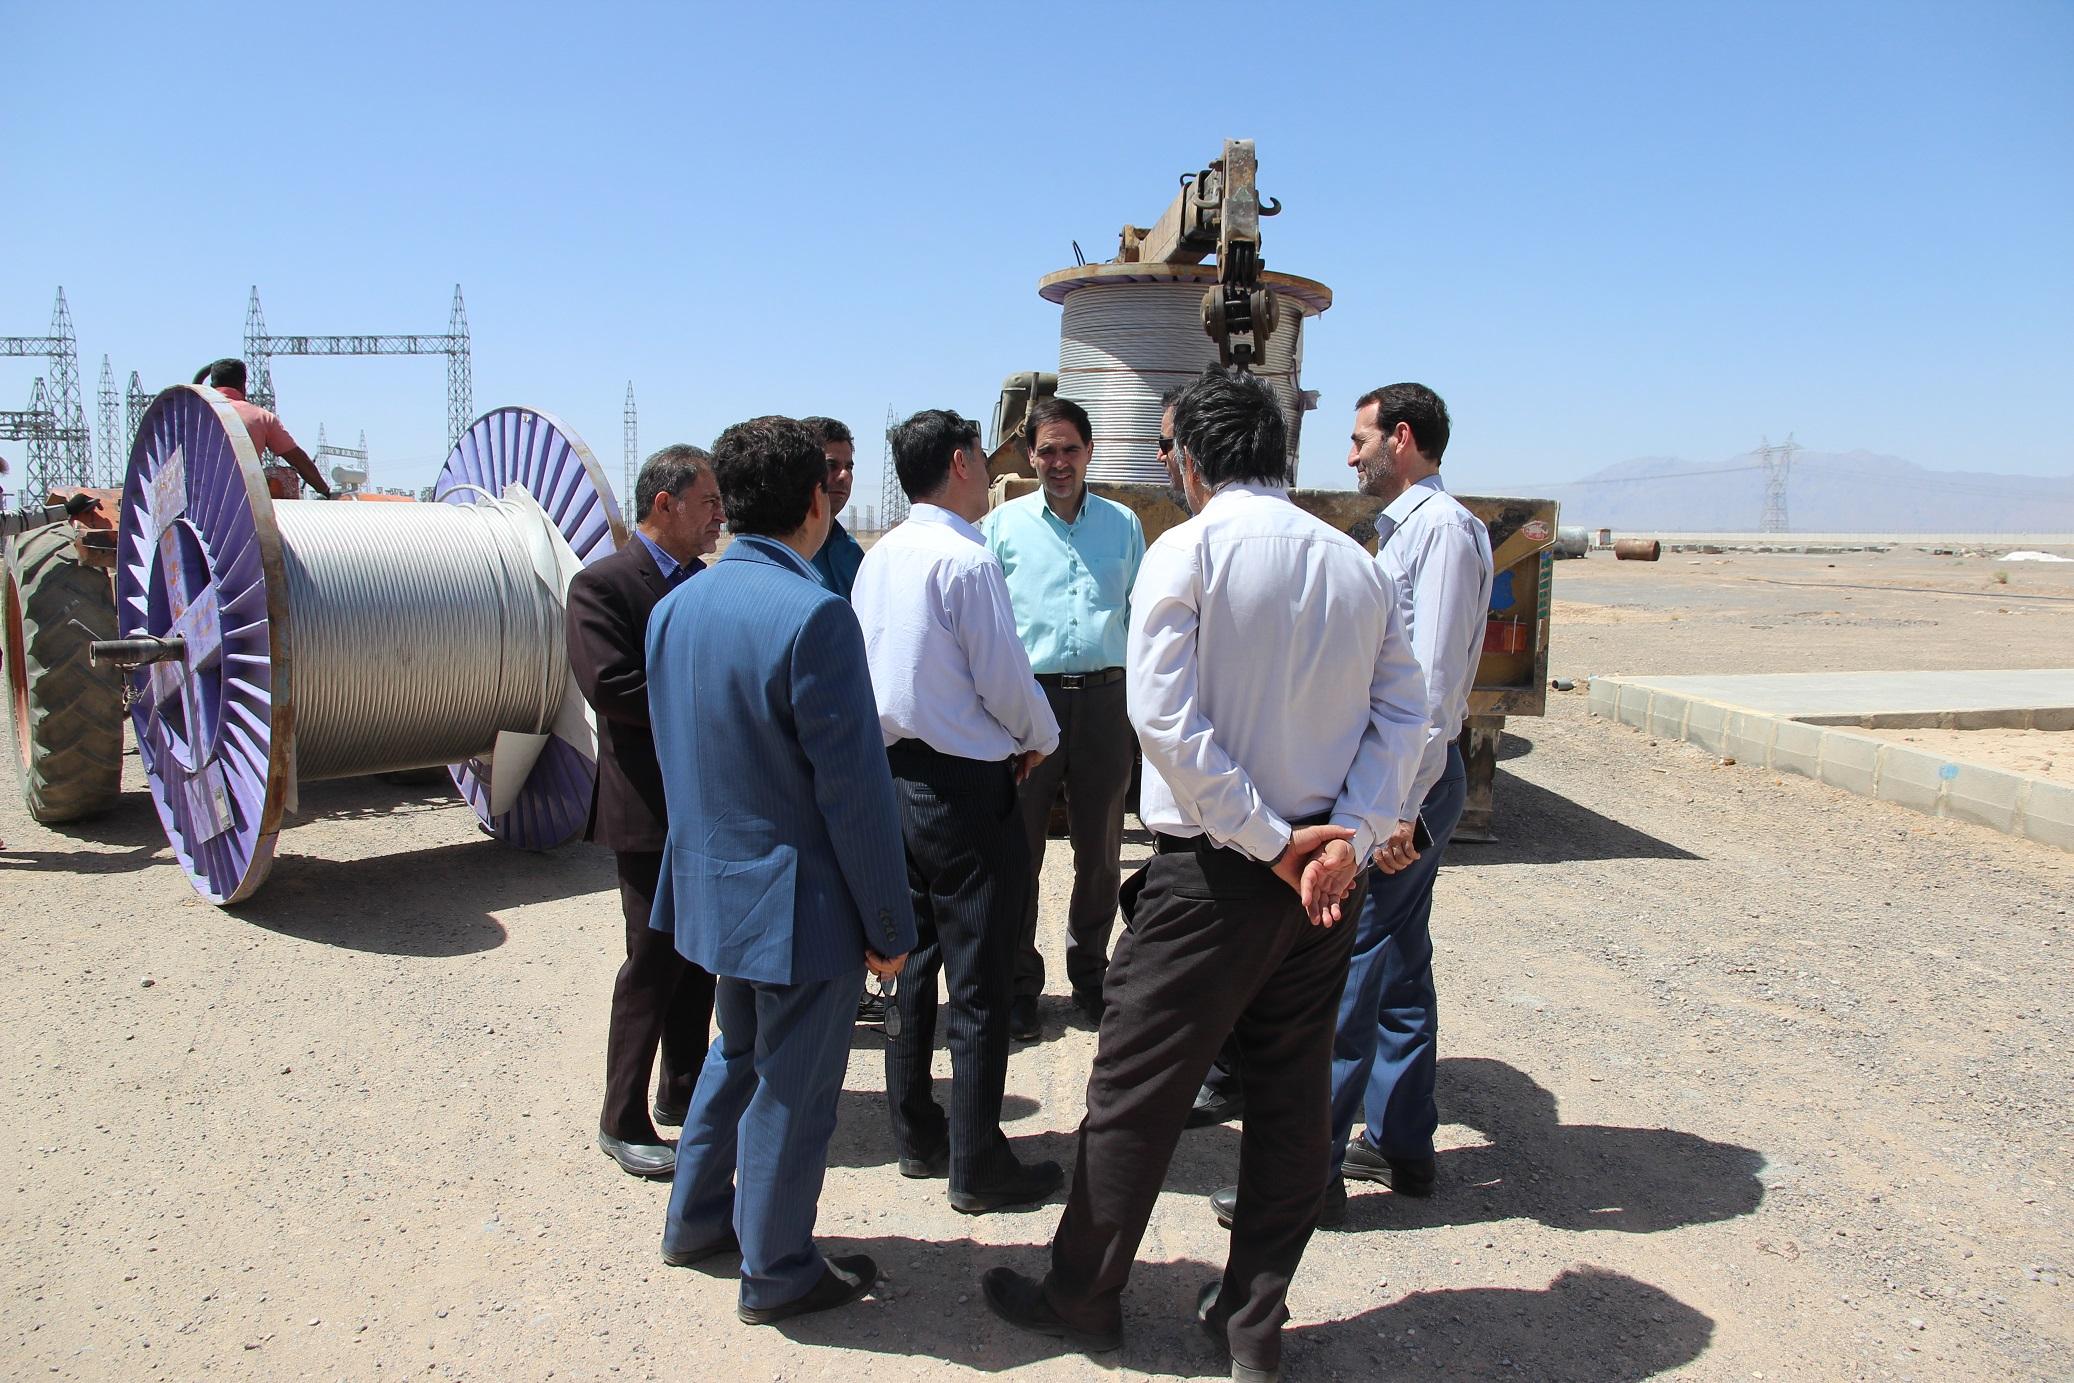 بازدید نماینده توانیر از پروژههای برقرسانی به مناطق روستایی استان یزد